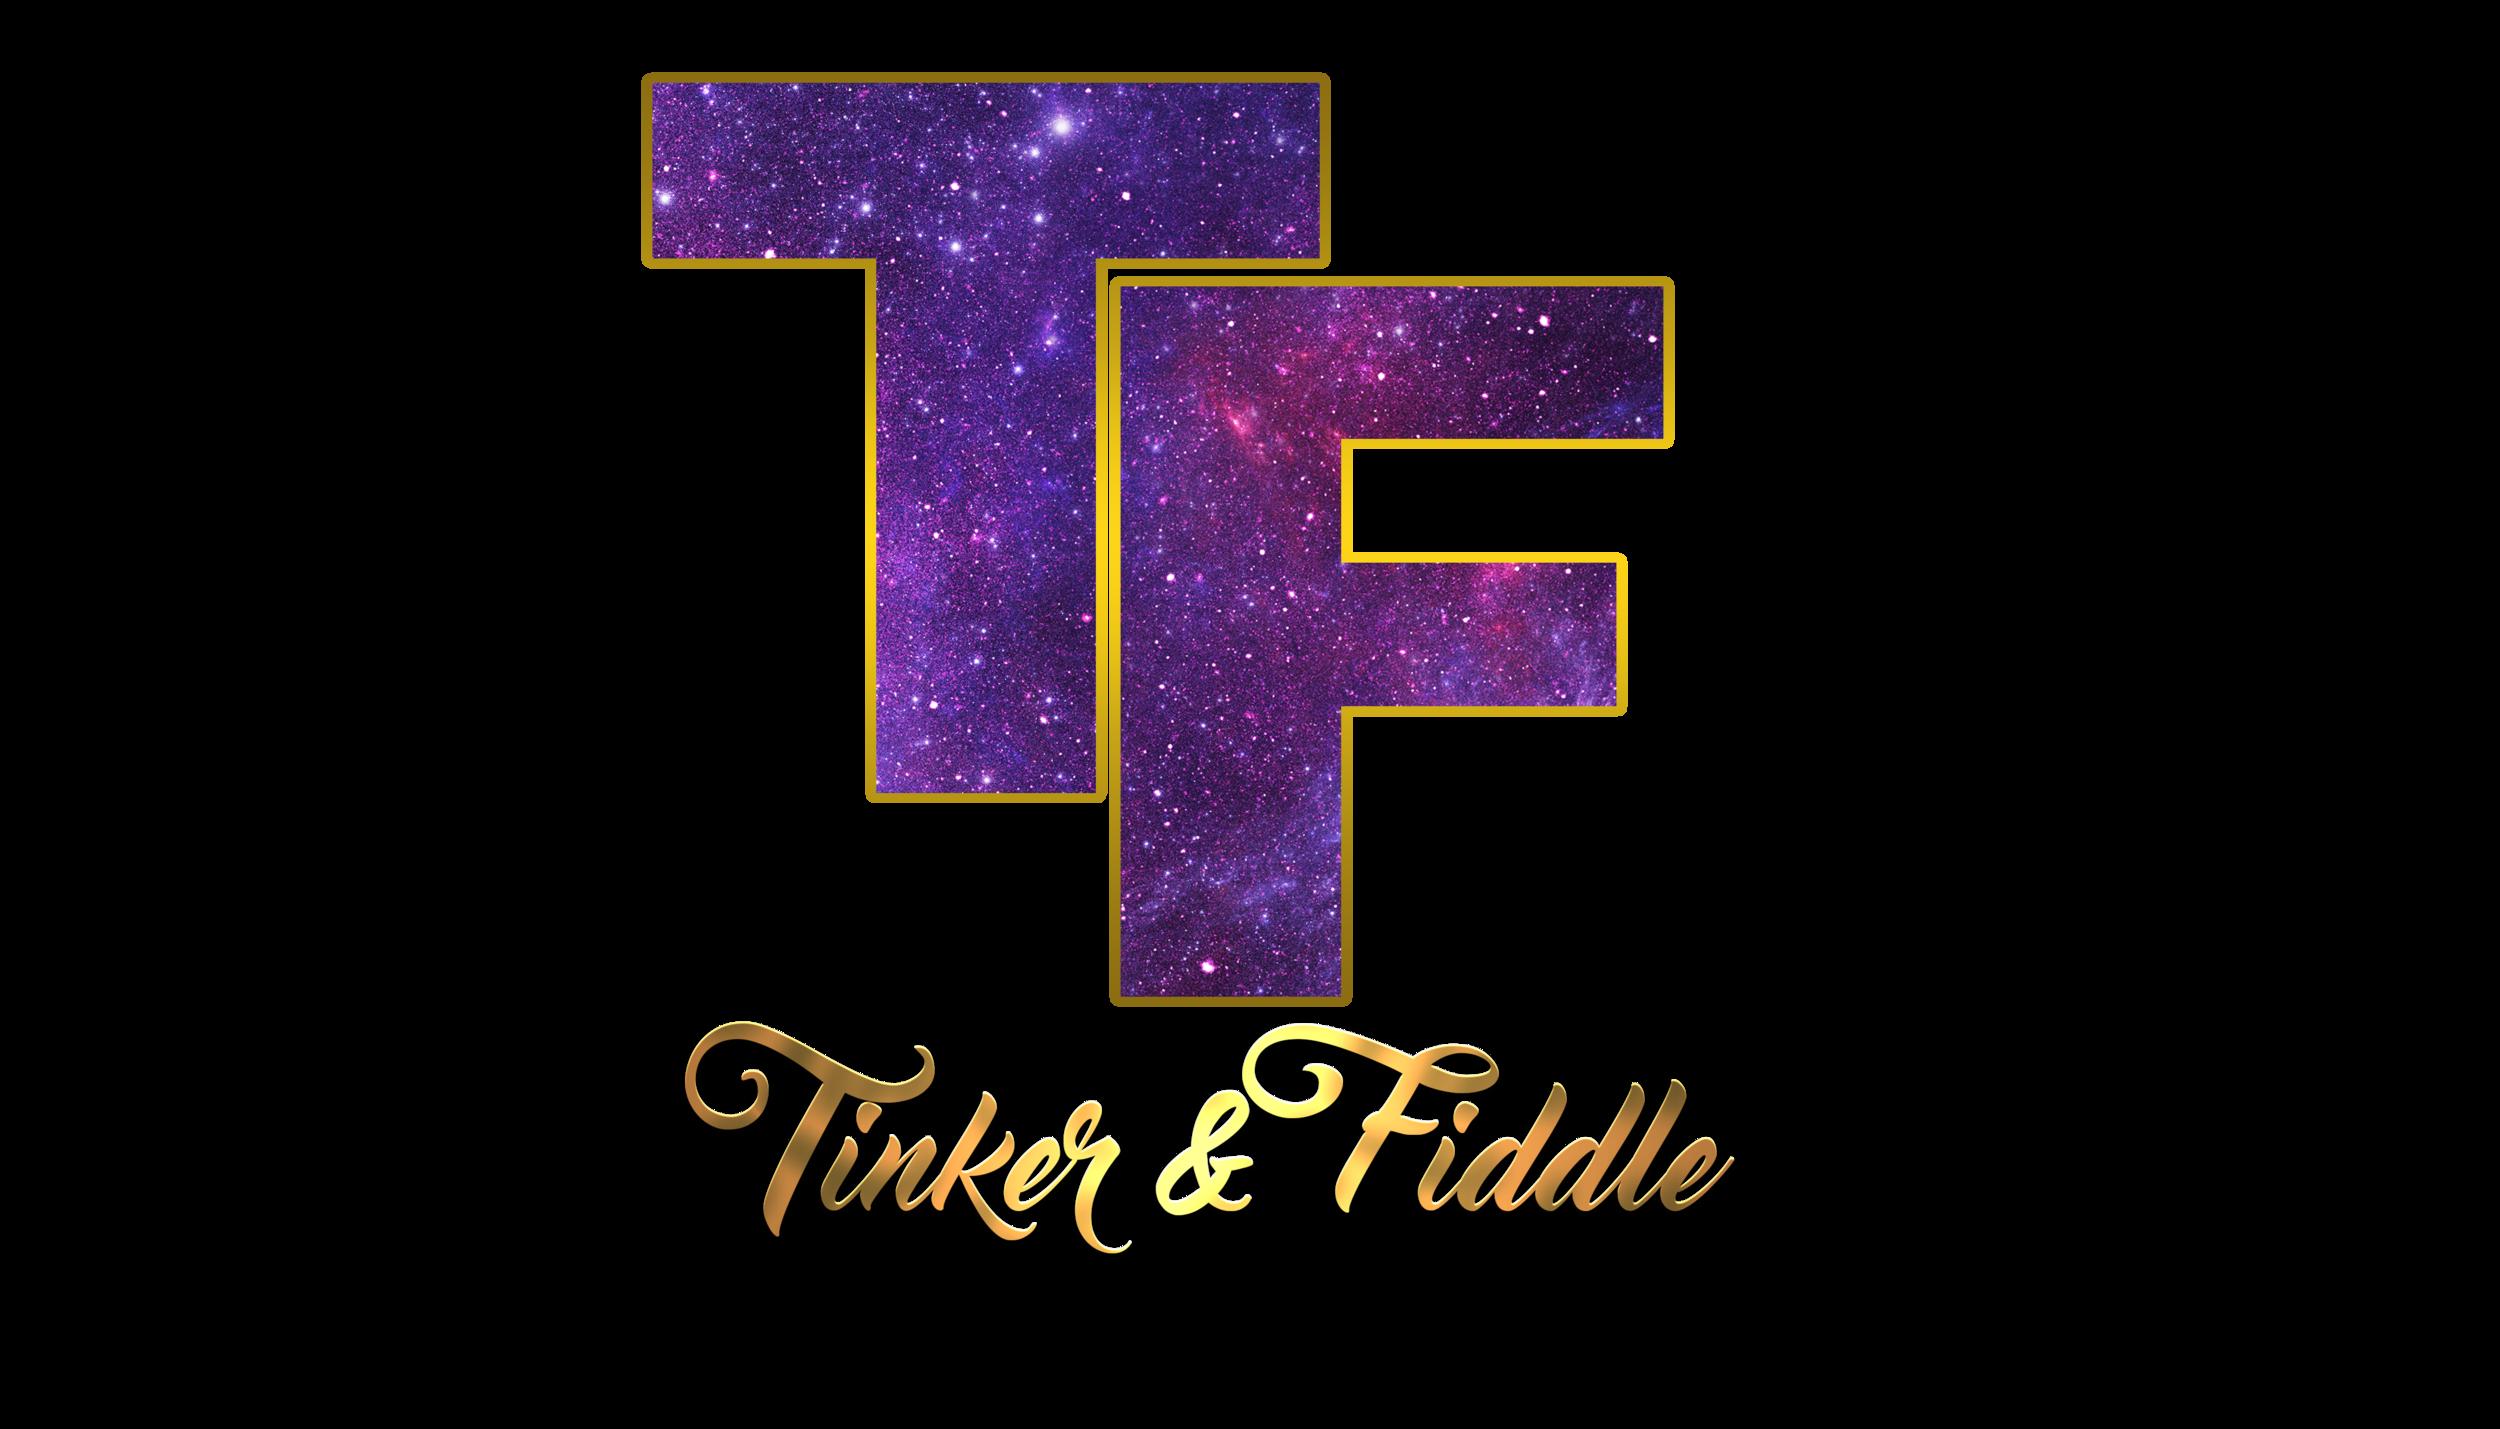 tinker & fiddle logo_v4.png